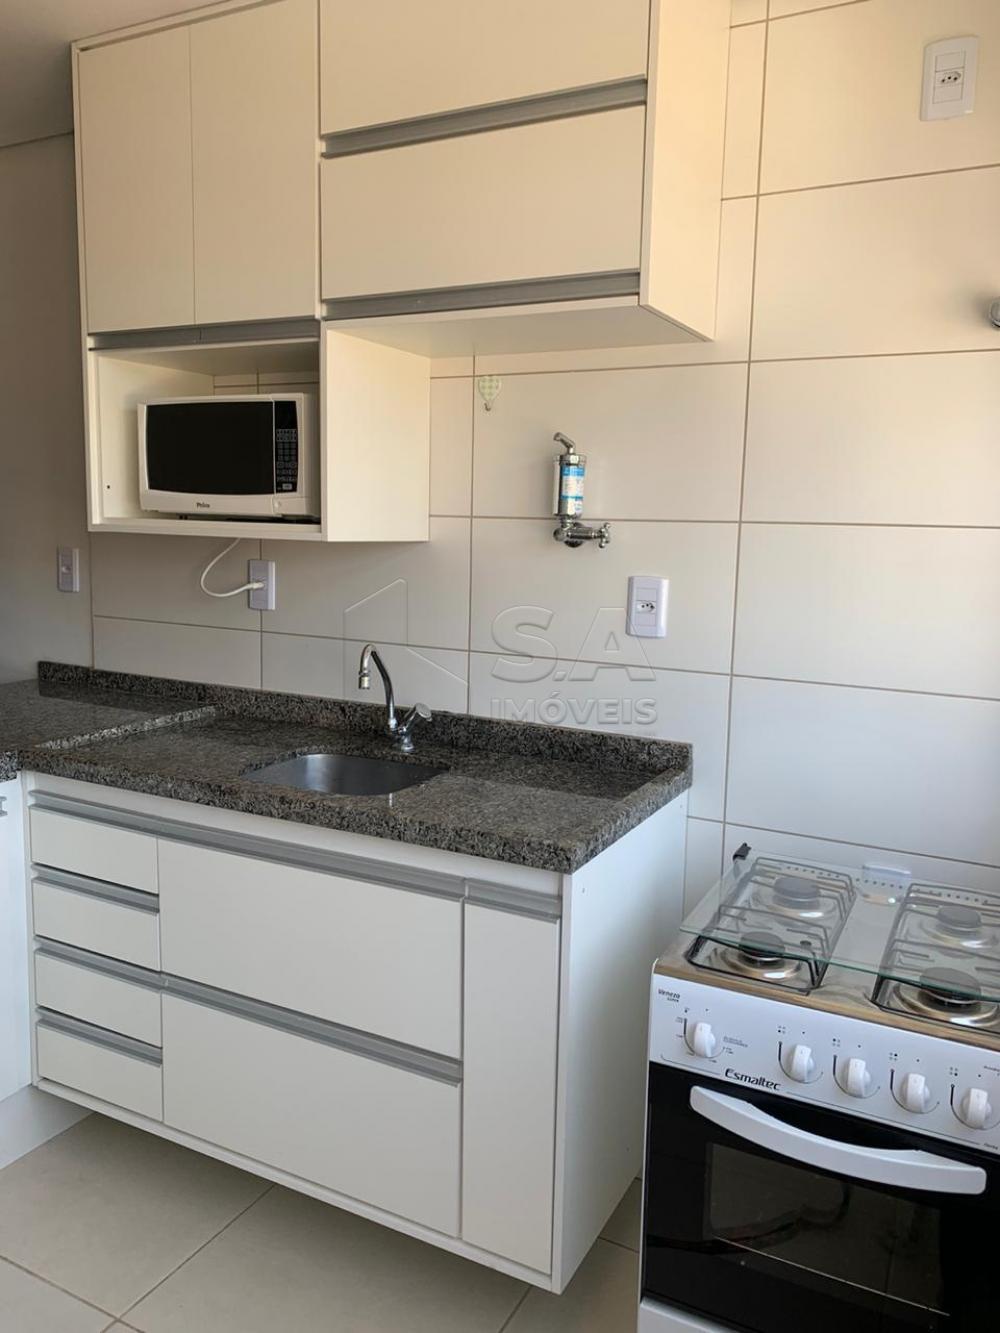 Alugar Apartamento / Mobiliado em Botucatu apenas R$ 2.000,00 - Foto 6